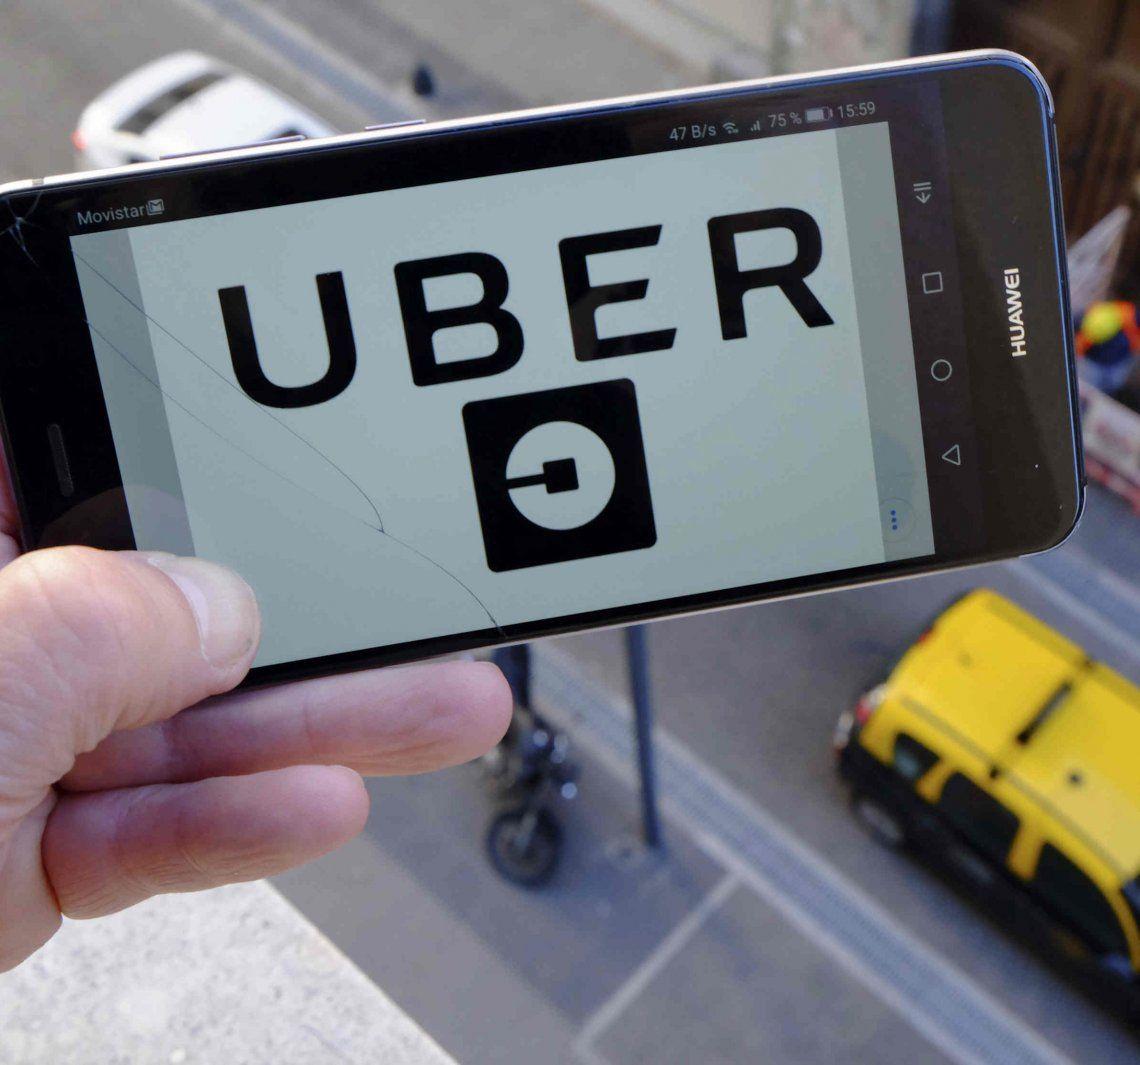 Un viaje en Uber que se convirtió en una pesadilla.